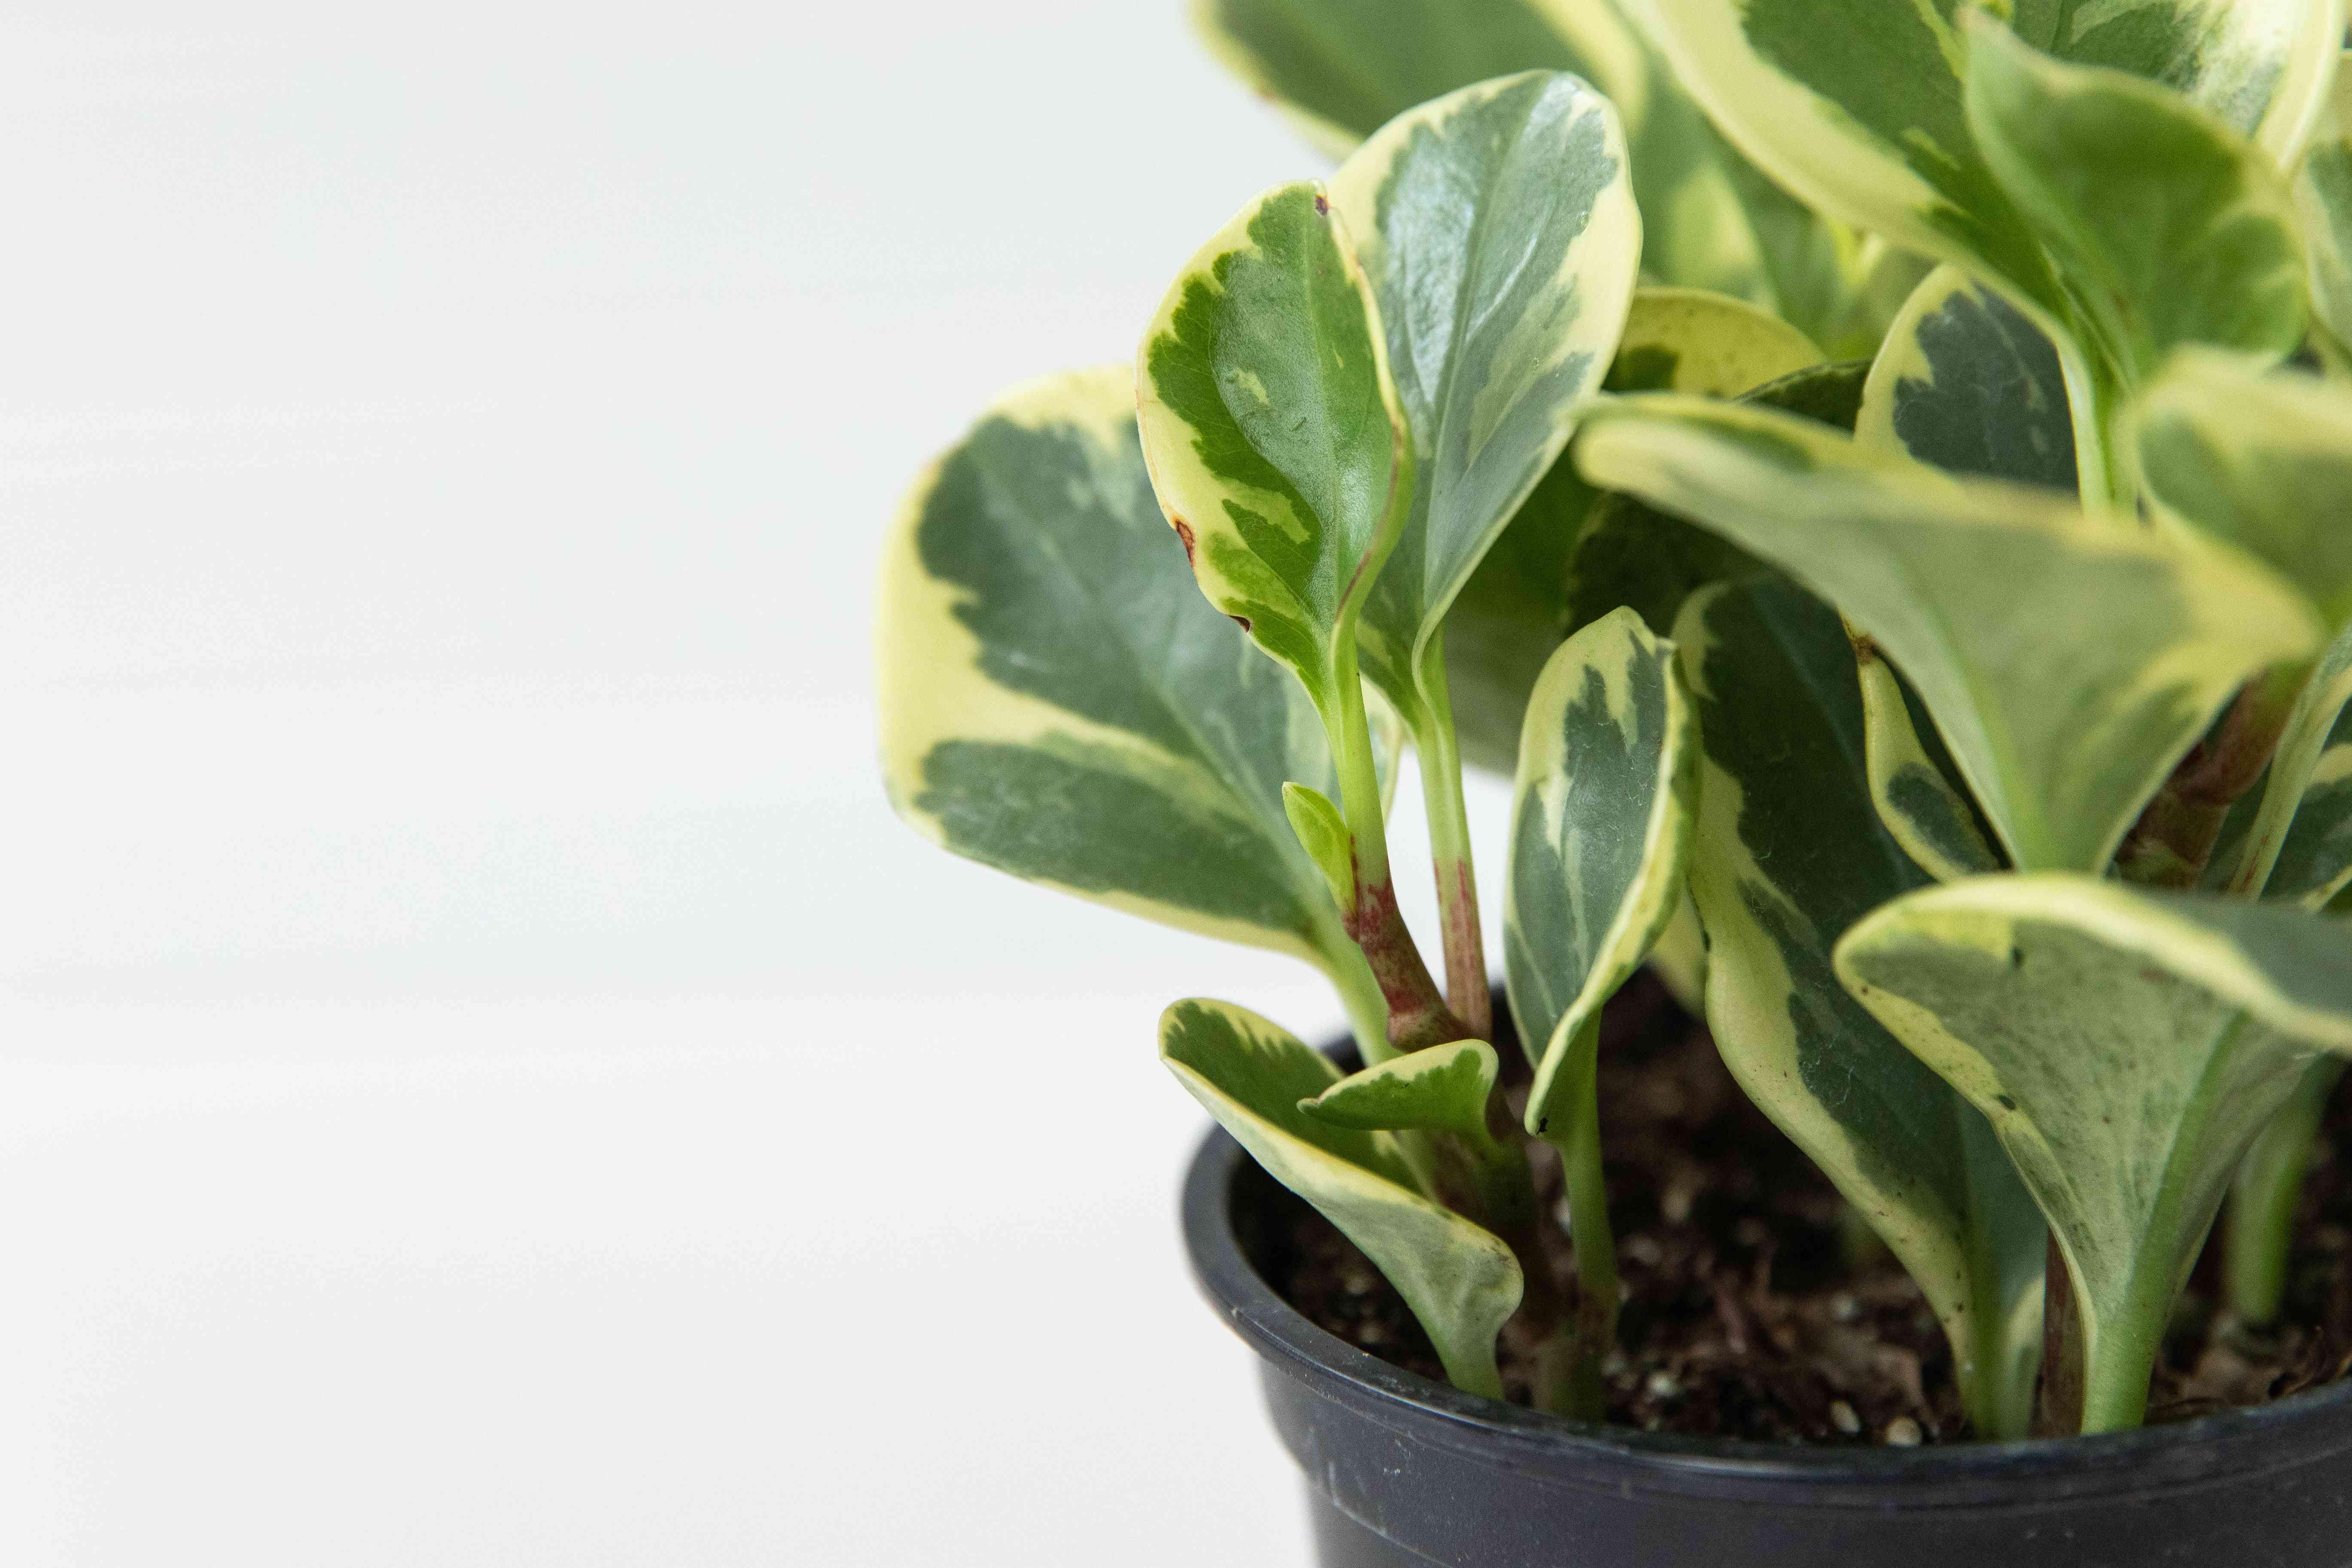 closeup of peperomia leaves